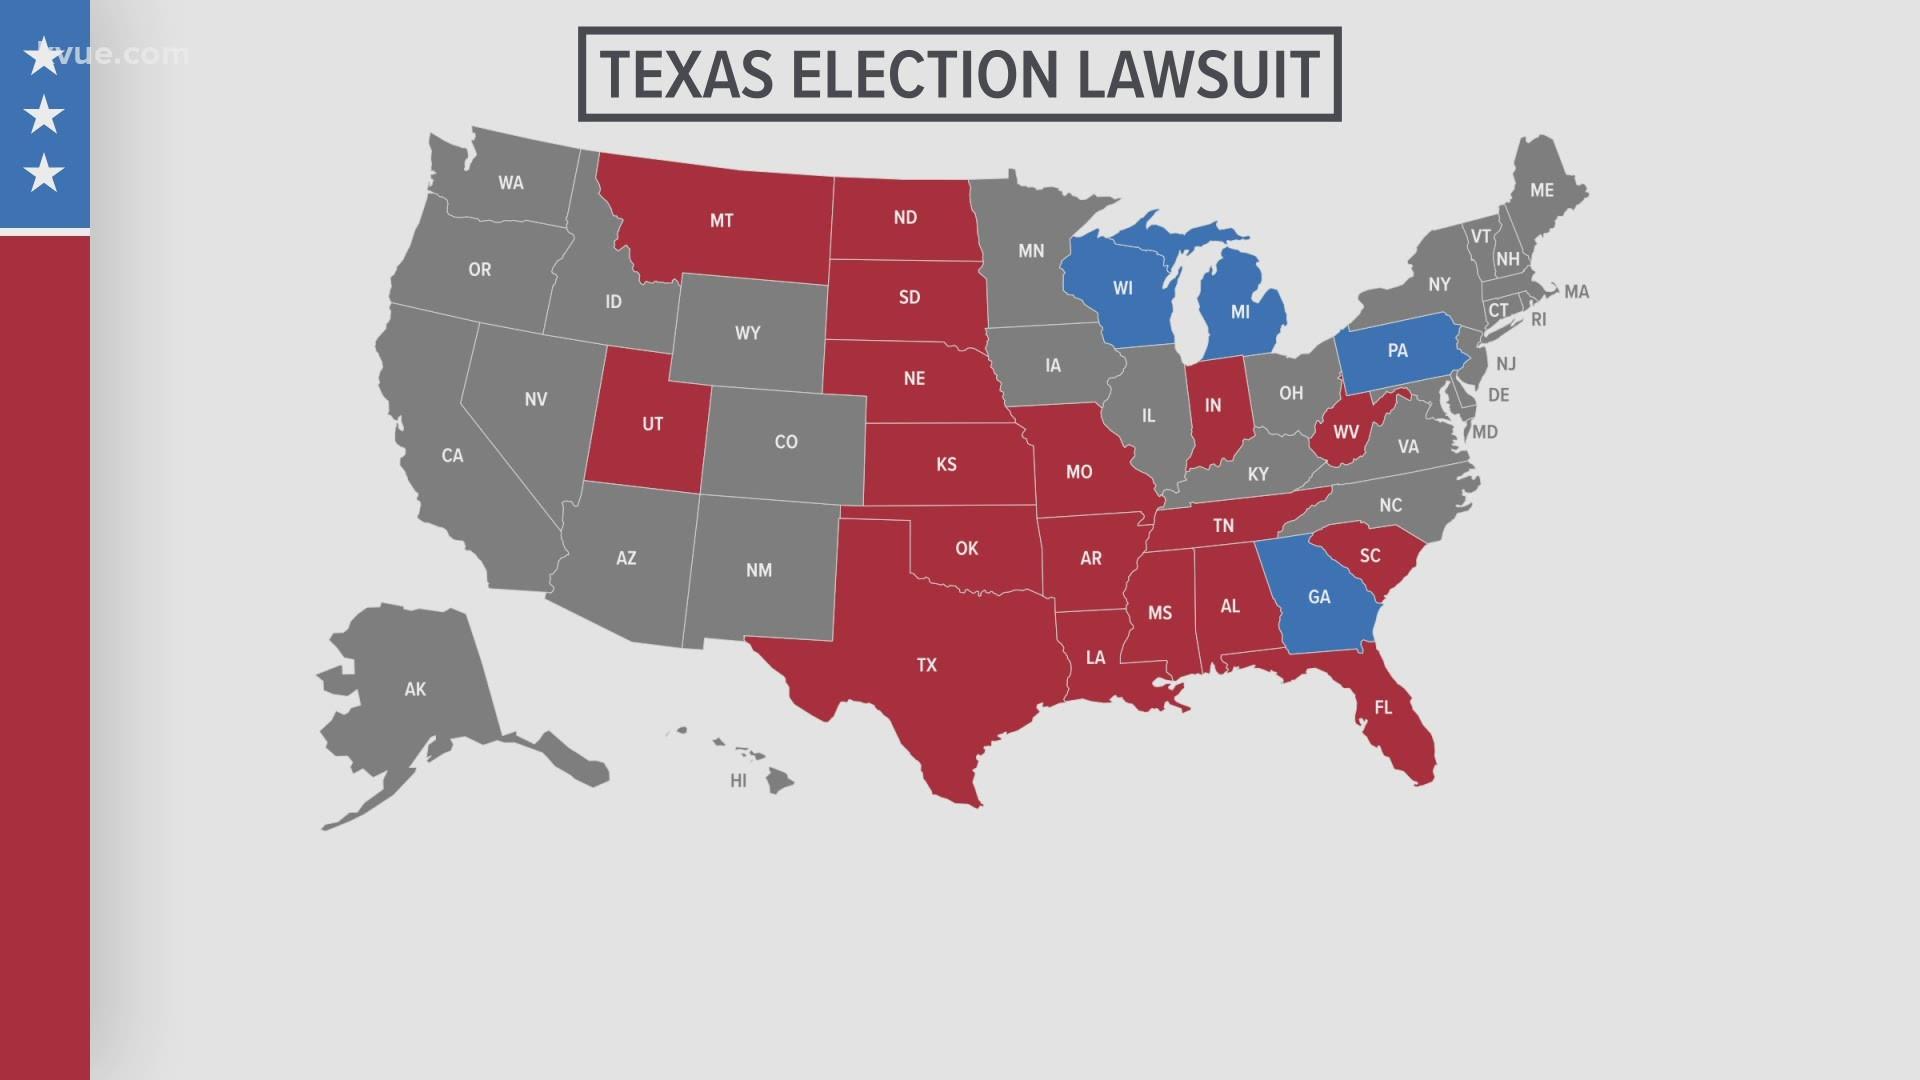 18 states